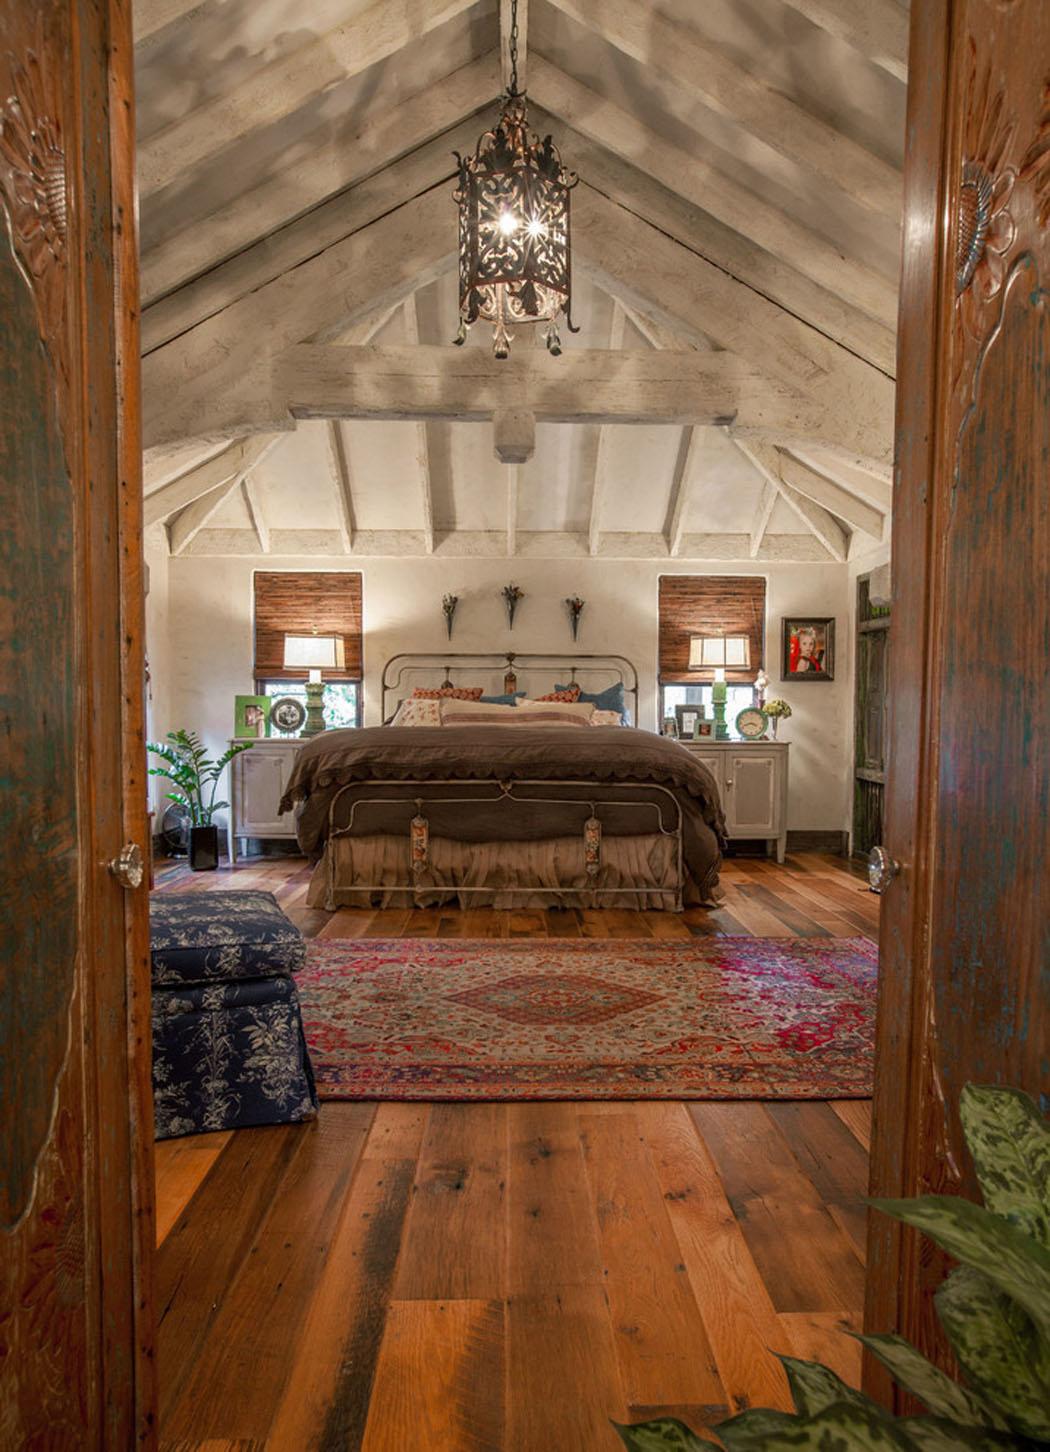 Maison rustique l int rieur en bois et ambiance bien conviviale vivons ma - Decoration poutre en bois ...